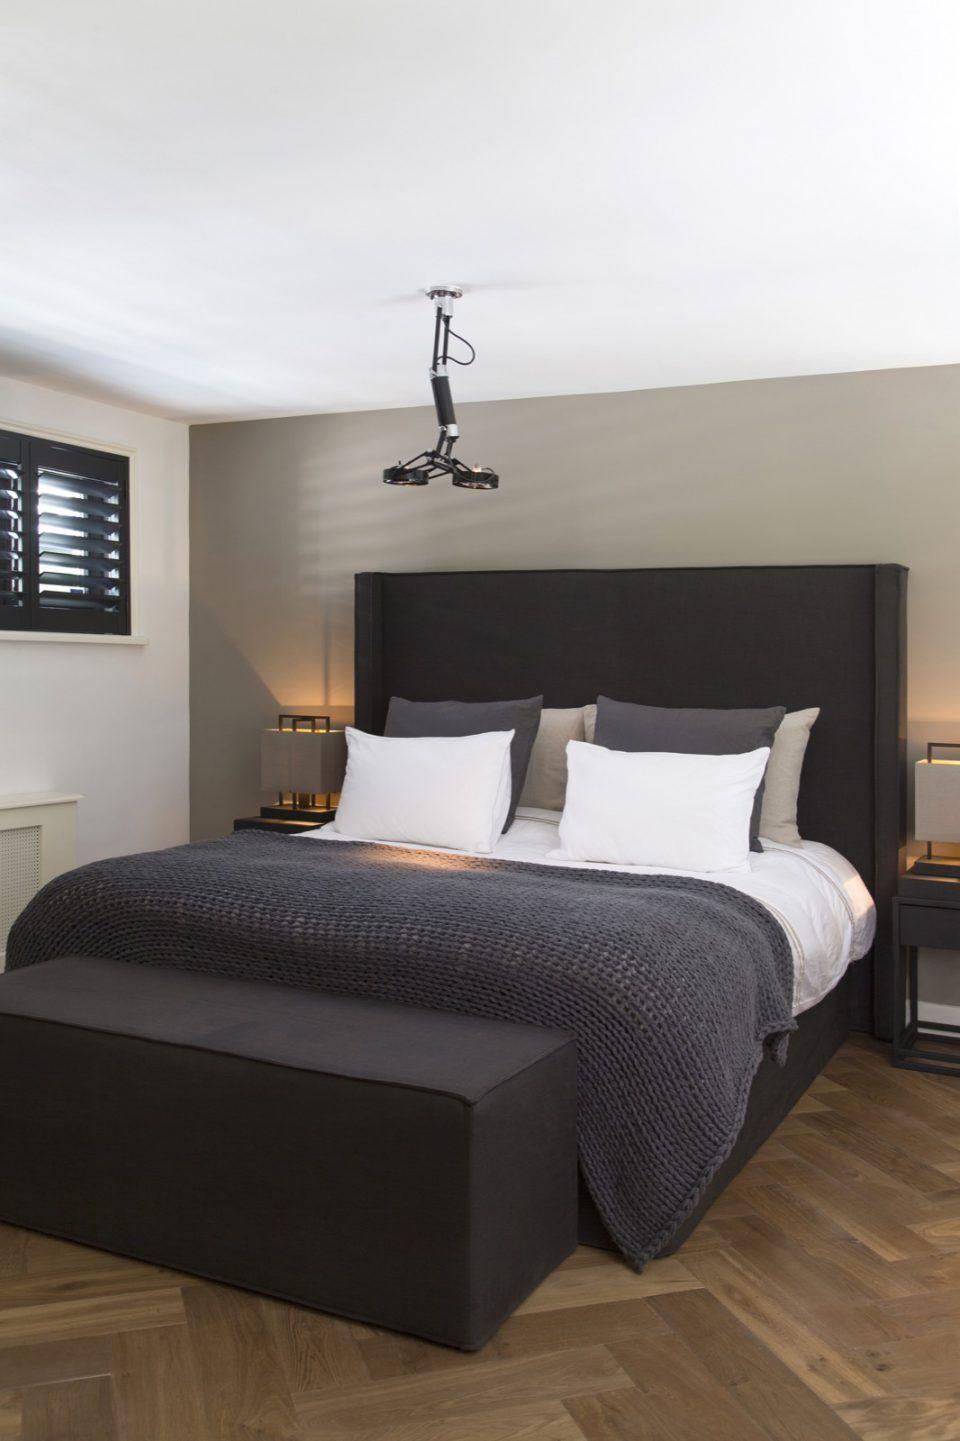 Luxe slaapkamer inrichting | slaapkamer design | bedroom ideas ...